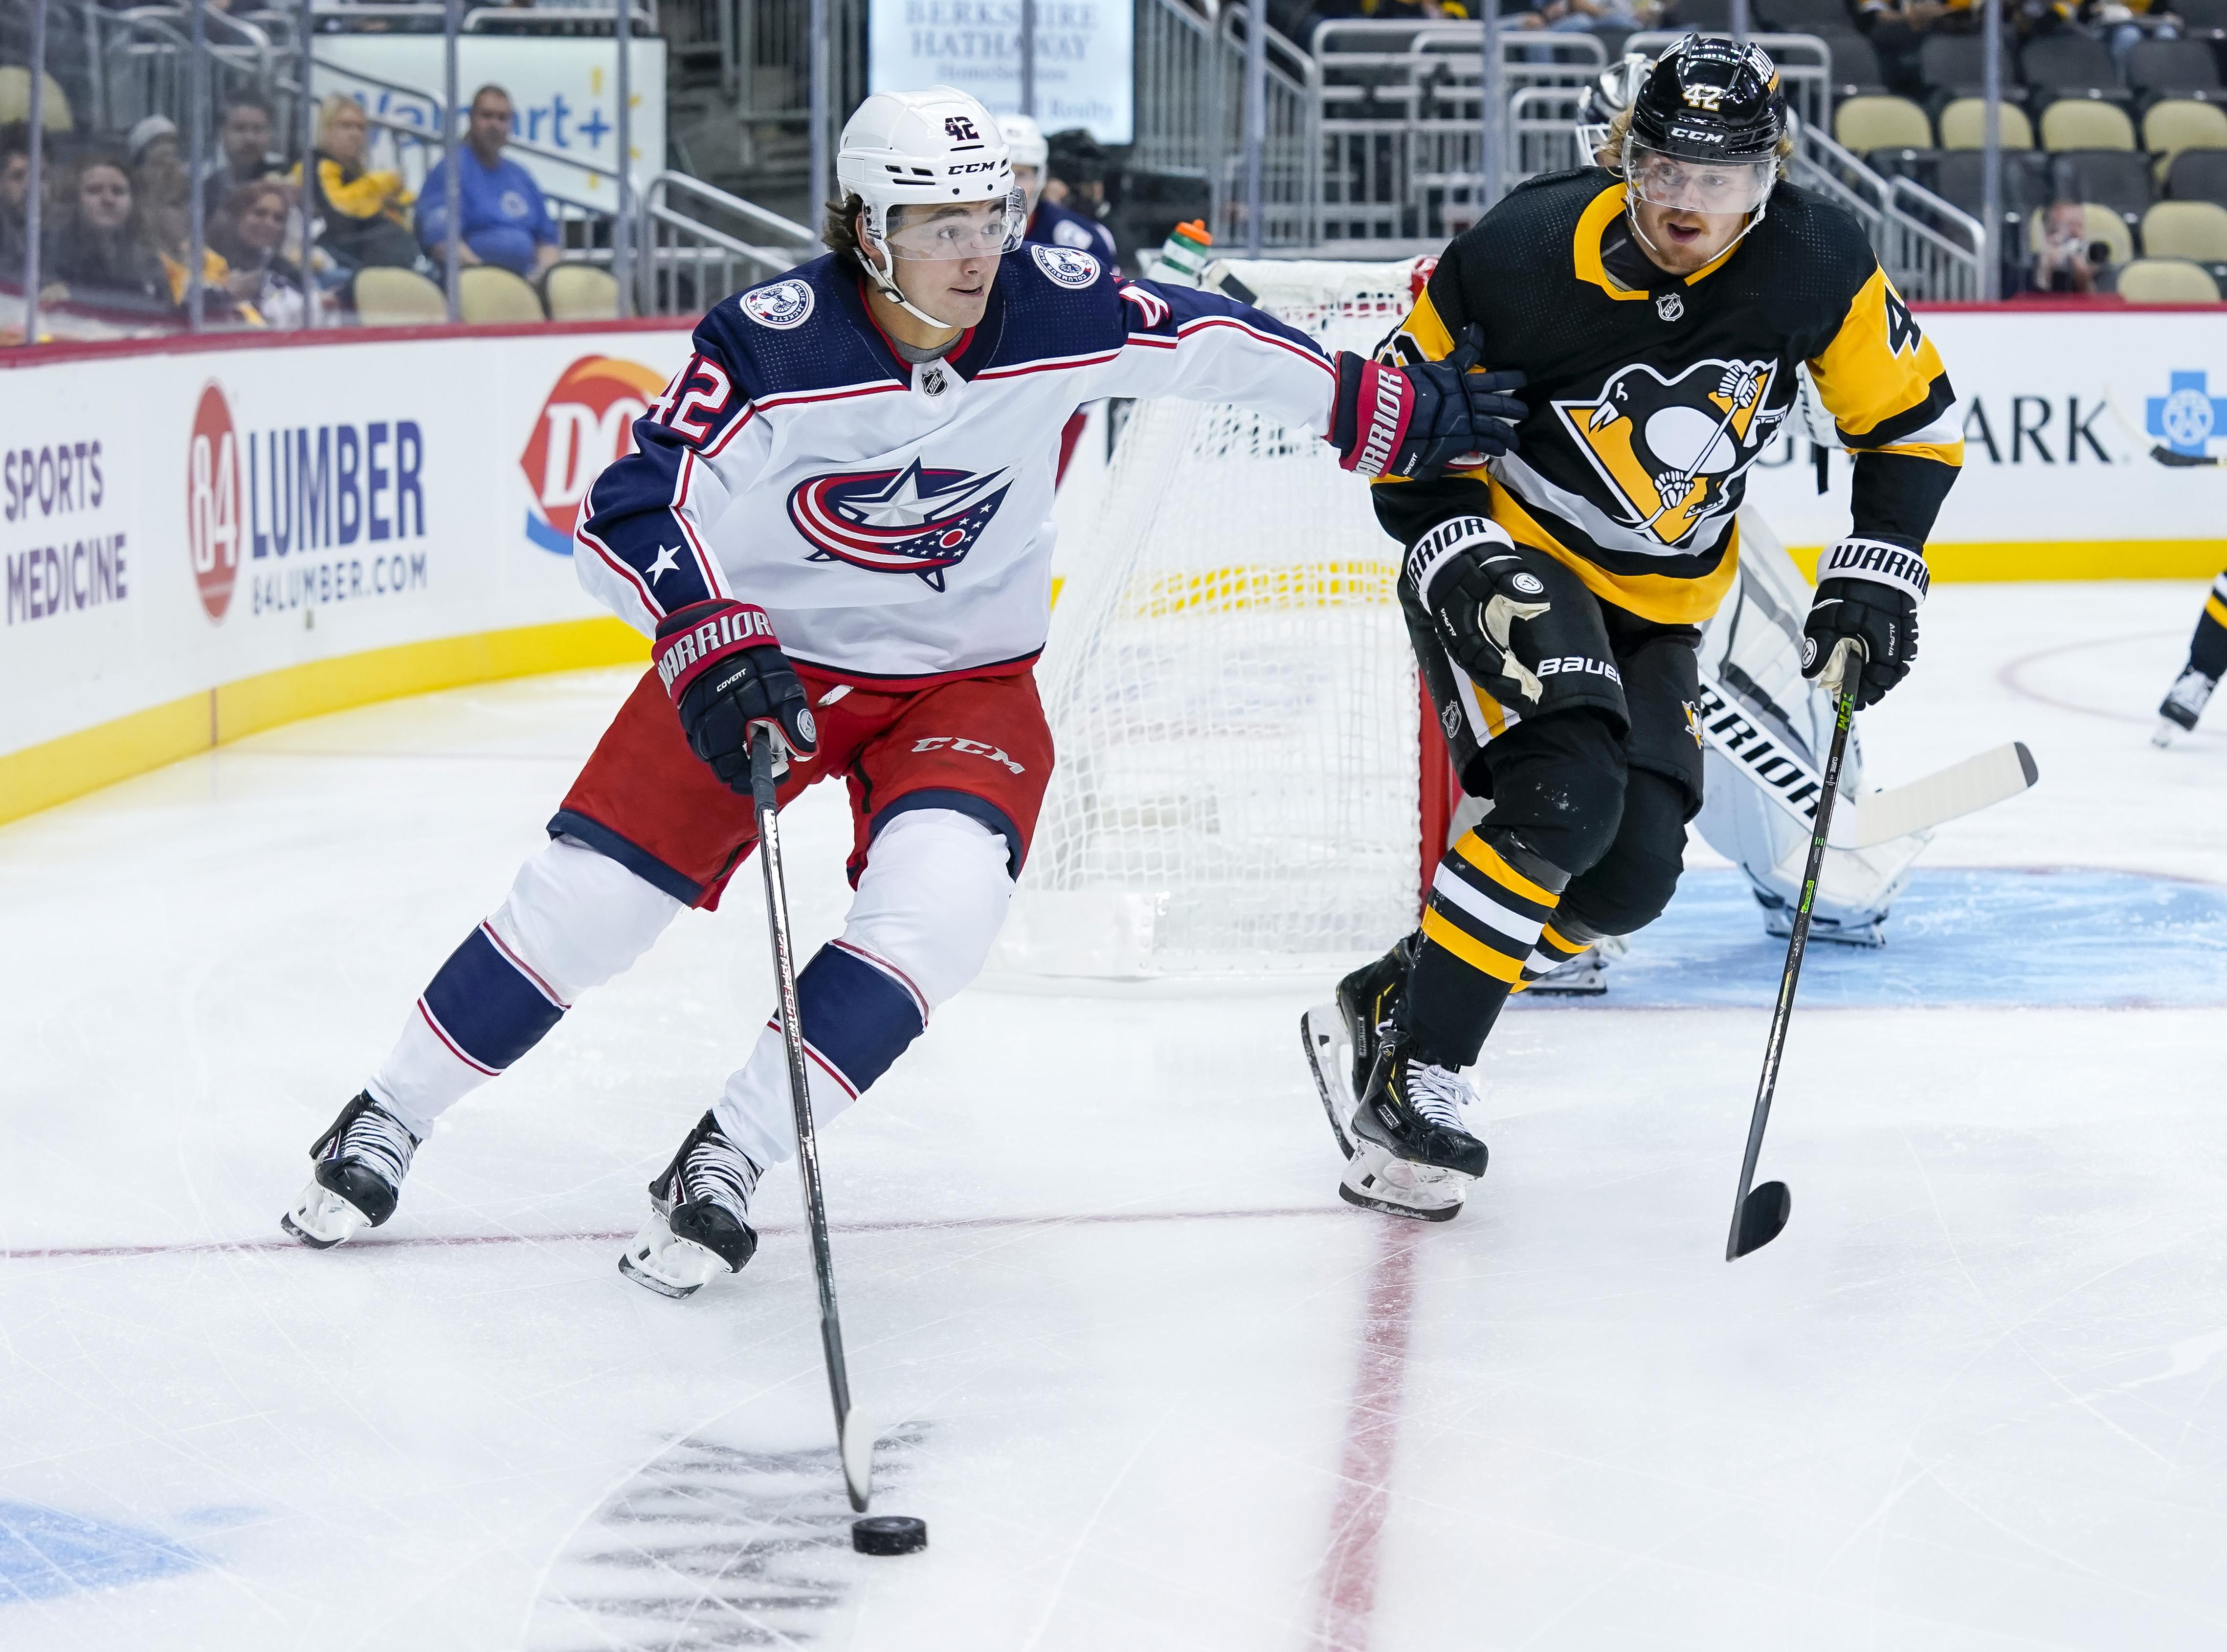 NHL: SEP 27 Preseason - Blue Jackets at Penguins